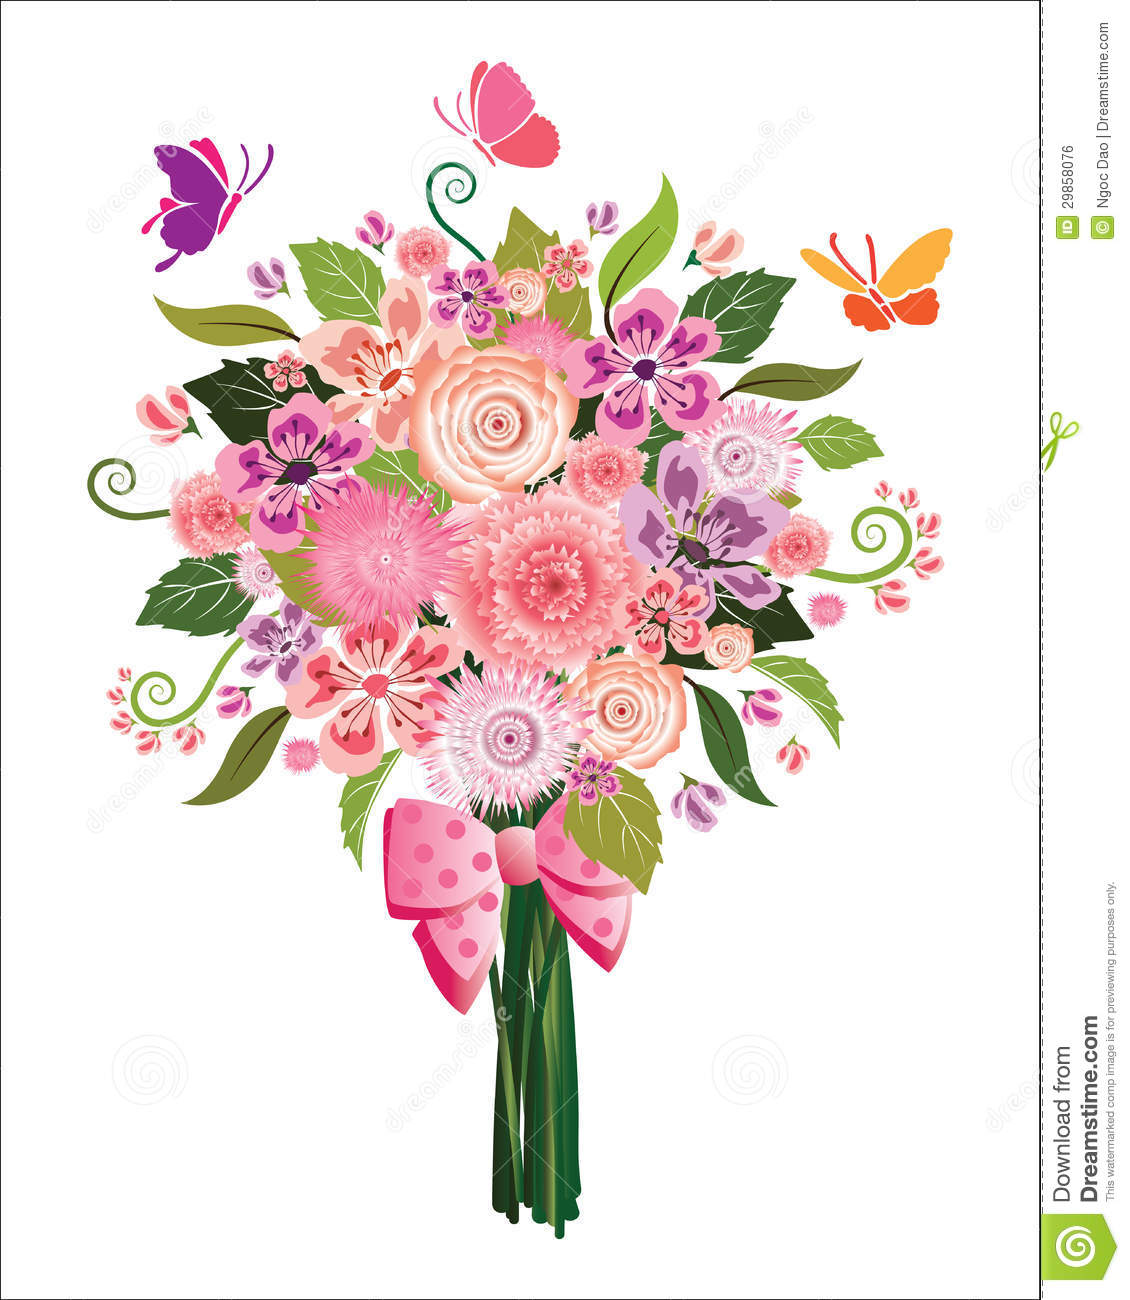 Bouquet clipart floral.